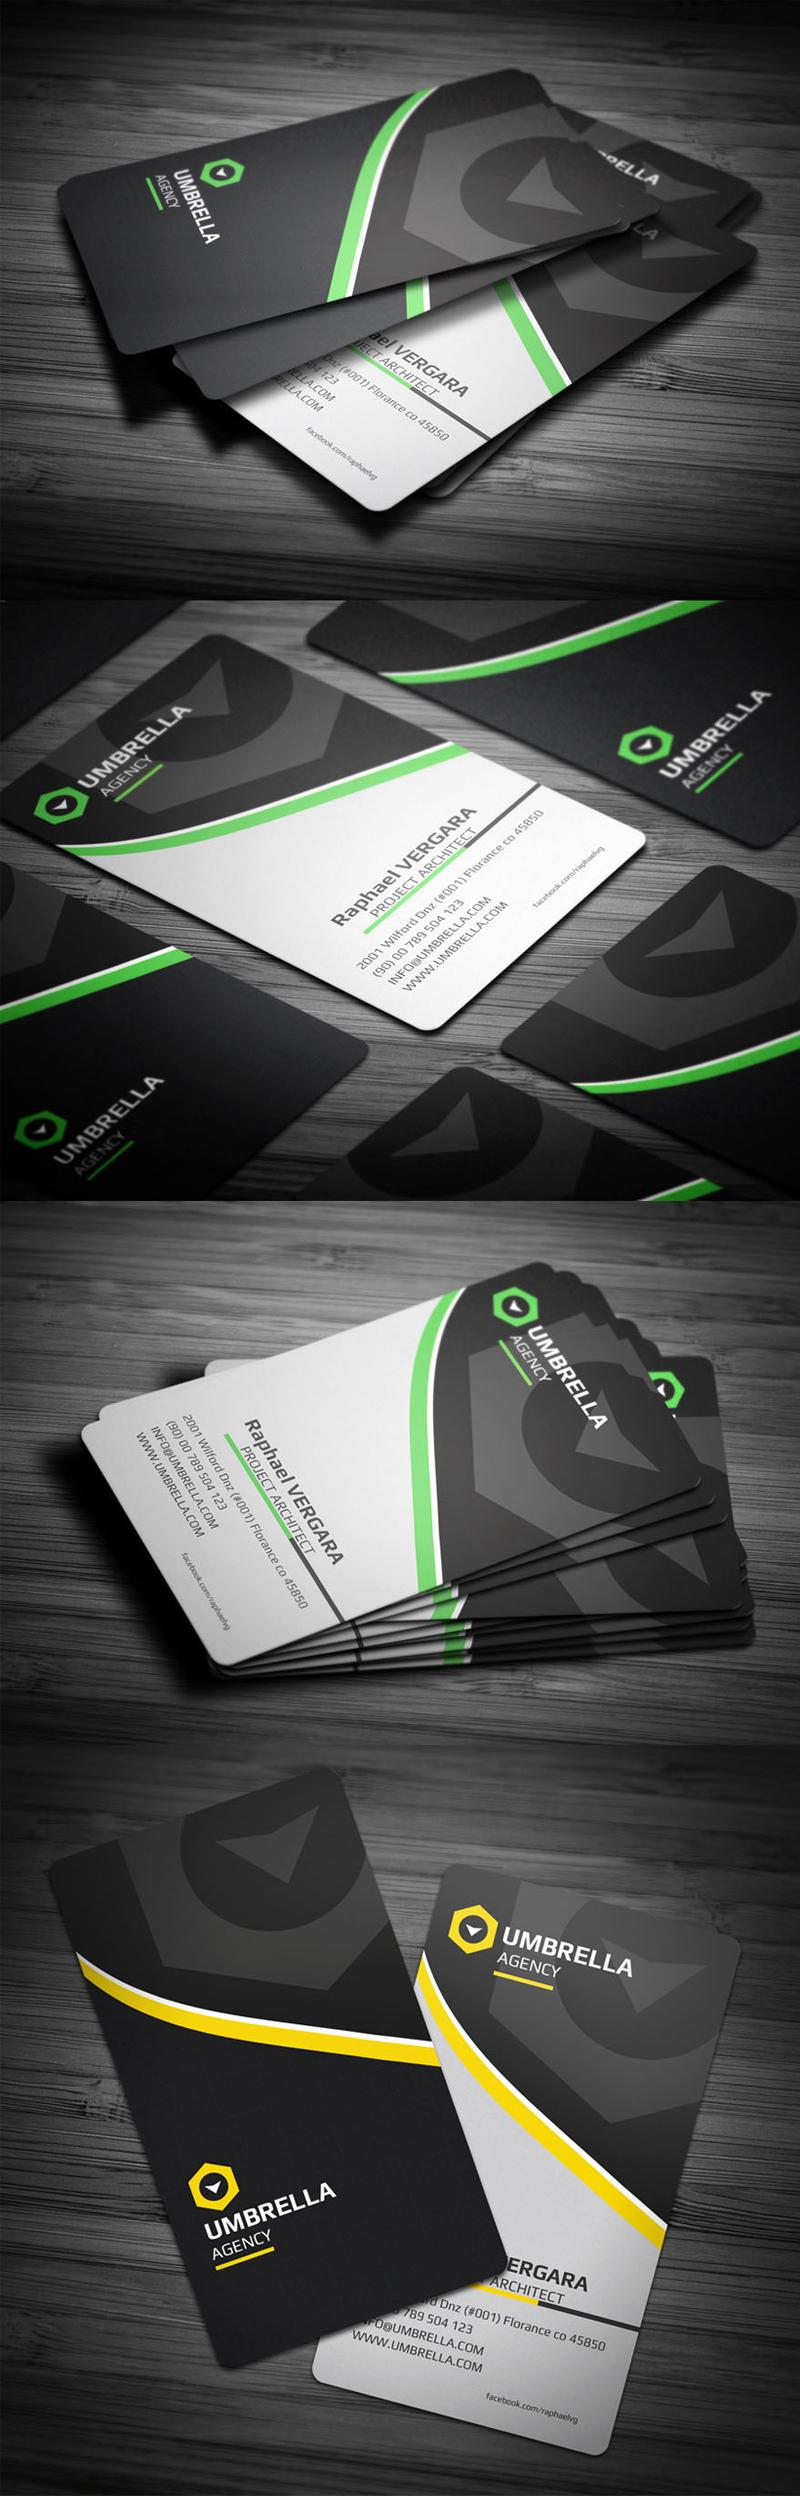 Creative business card design ideas for corporate #BusinessCard ...